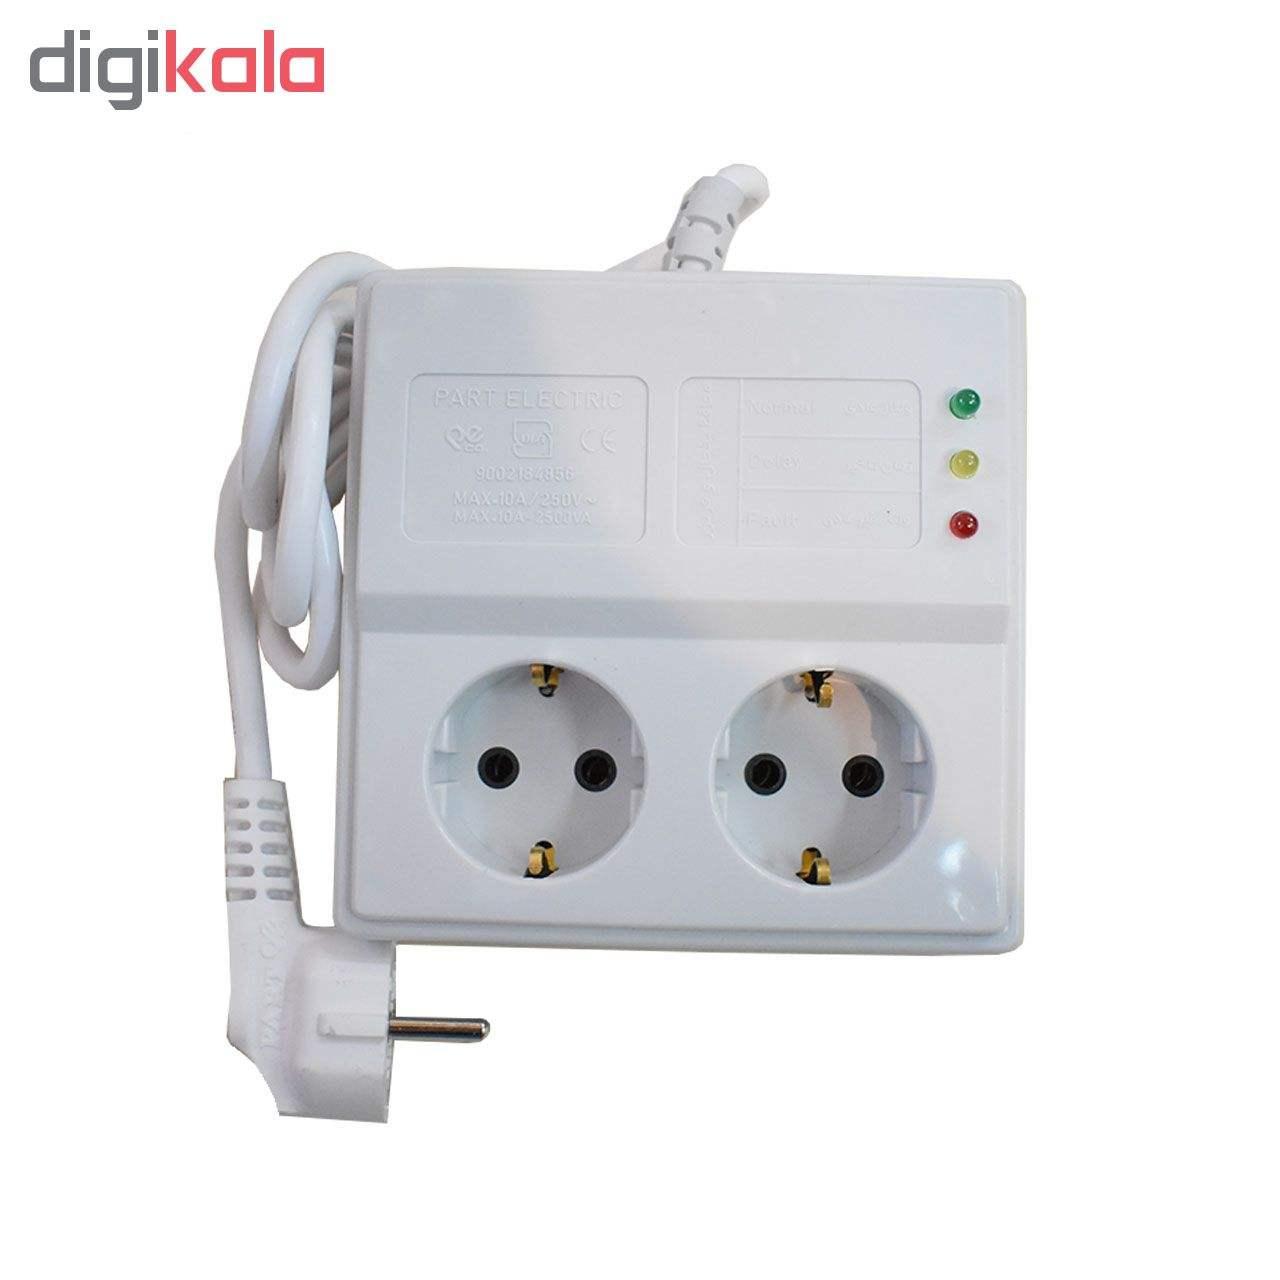 محافظ ولتاژ پارت الکتریک مدل 004 main 1 1